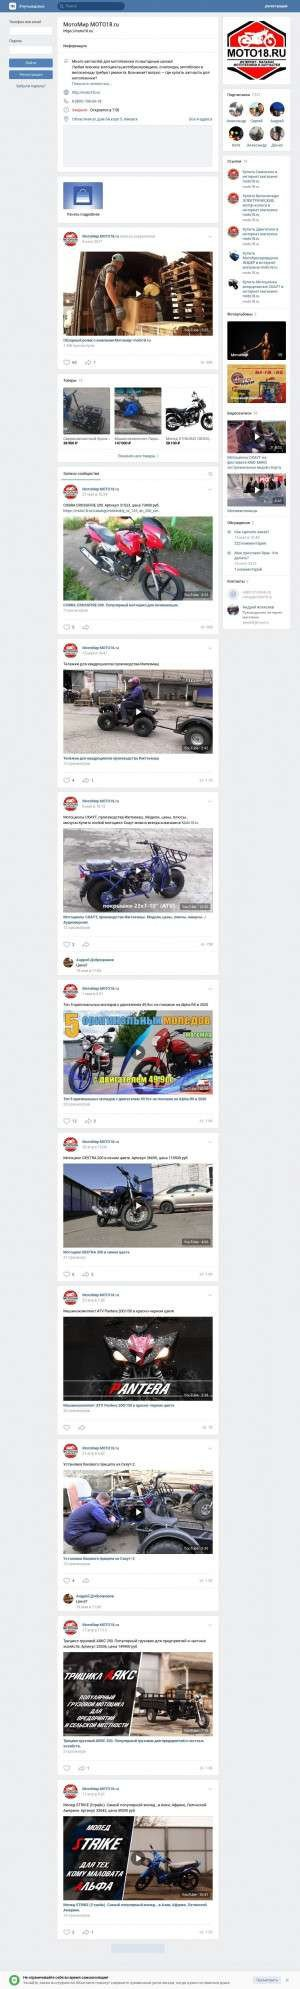 Предпросмотр для vk.com — Магазин Мотомир